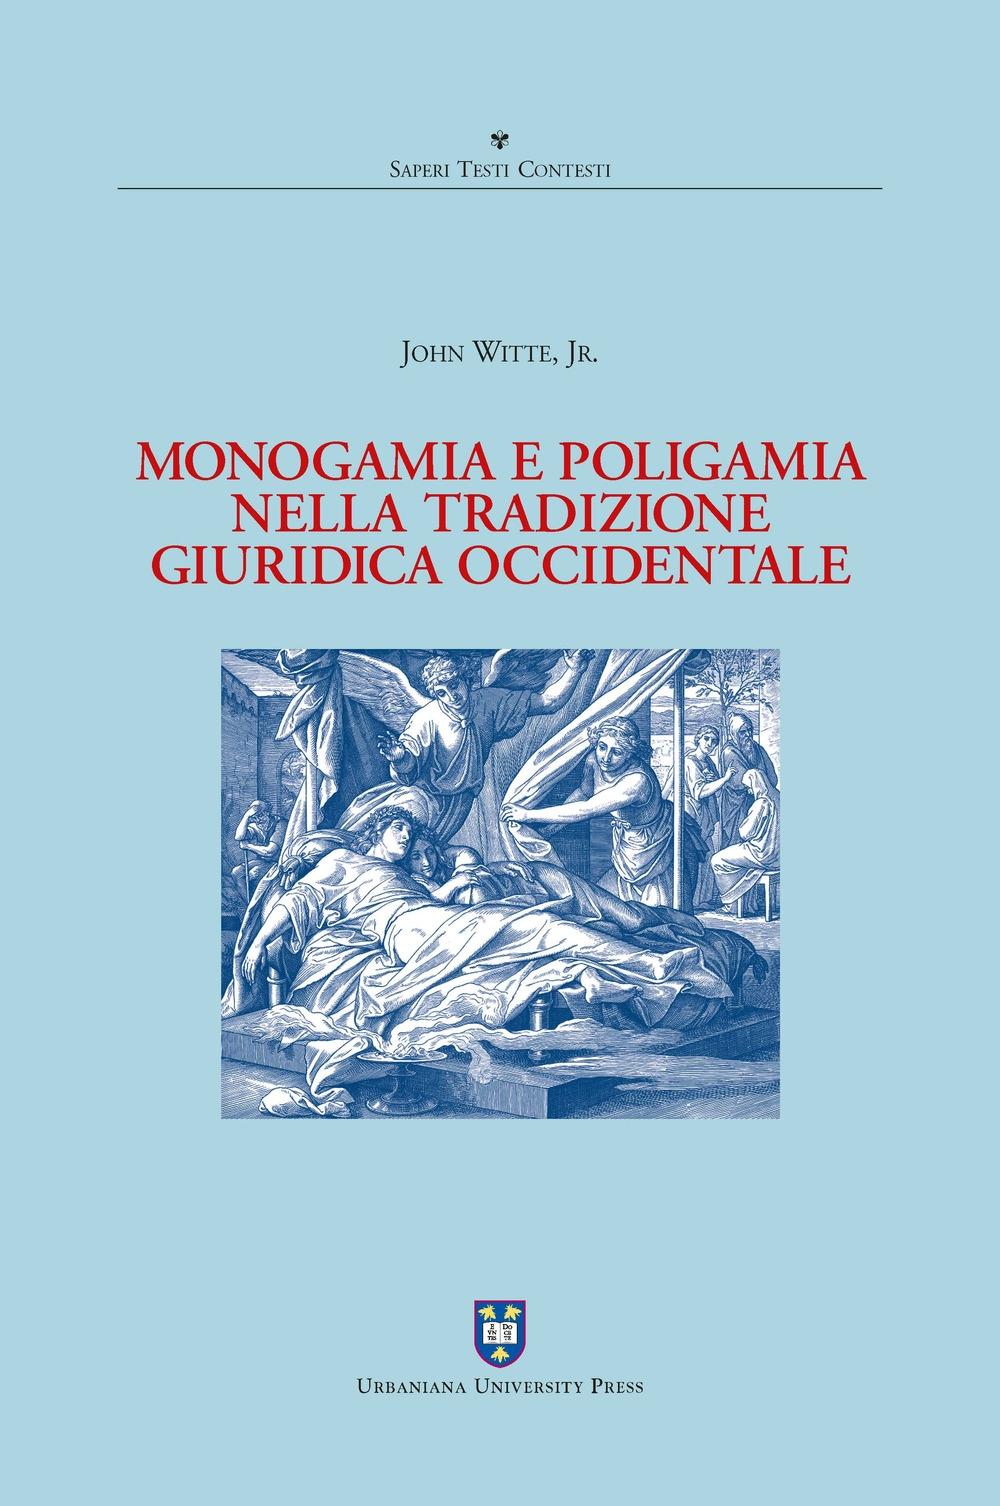 Monogamia e poligamia nella tradizione giuridica occidentale. Ediz. integrale